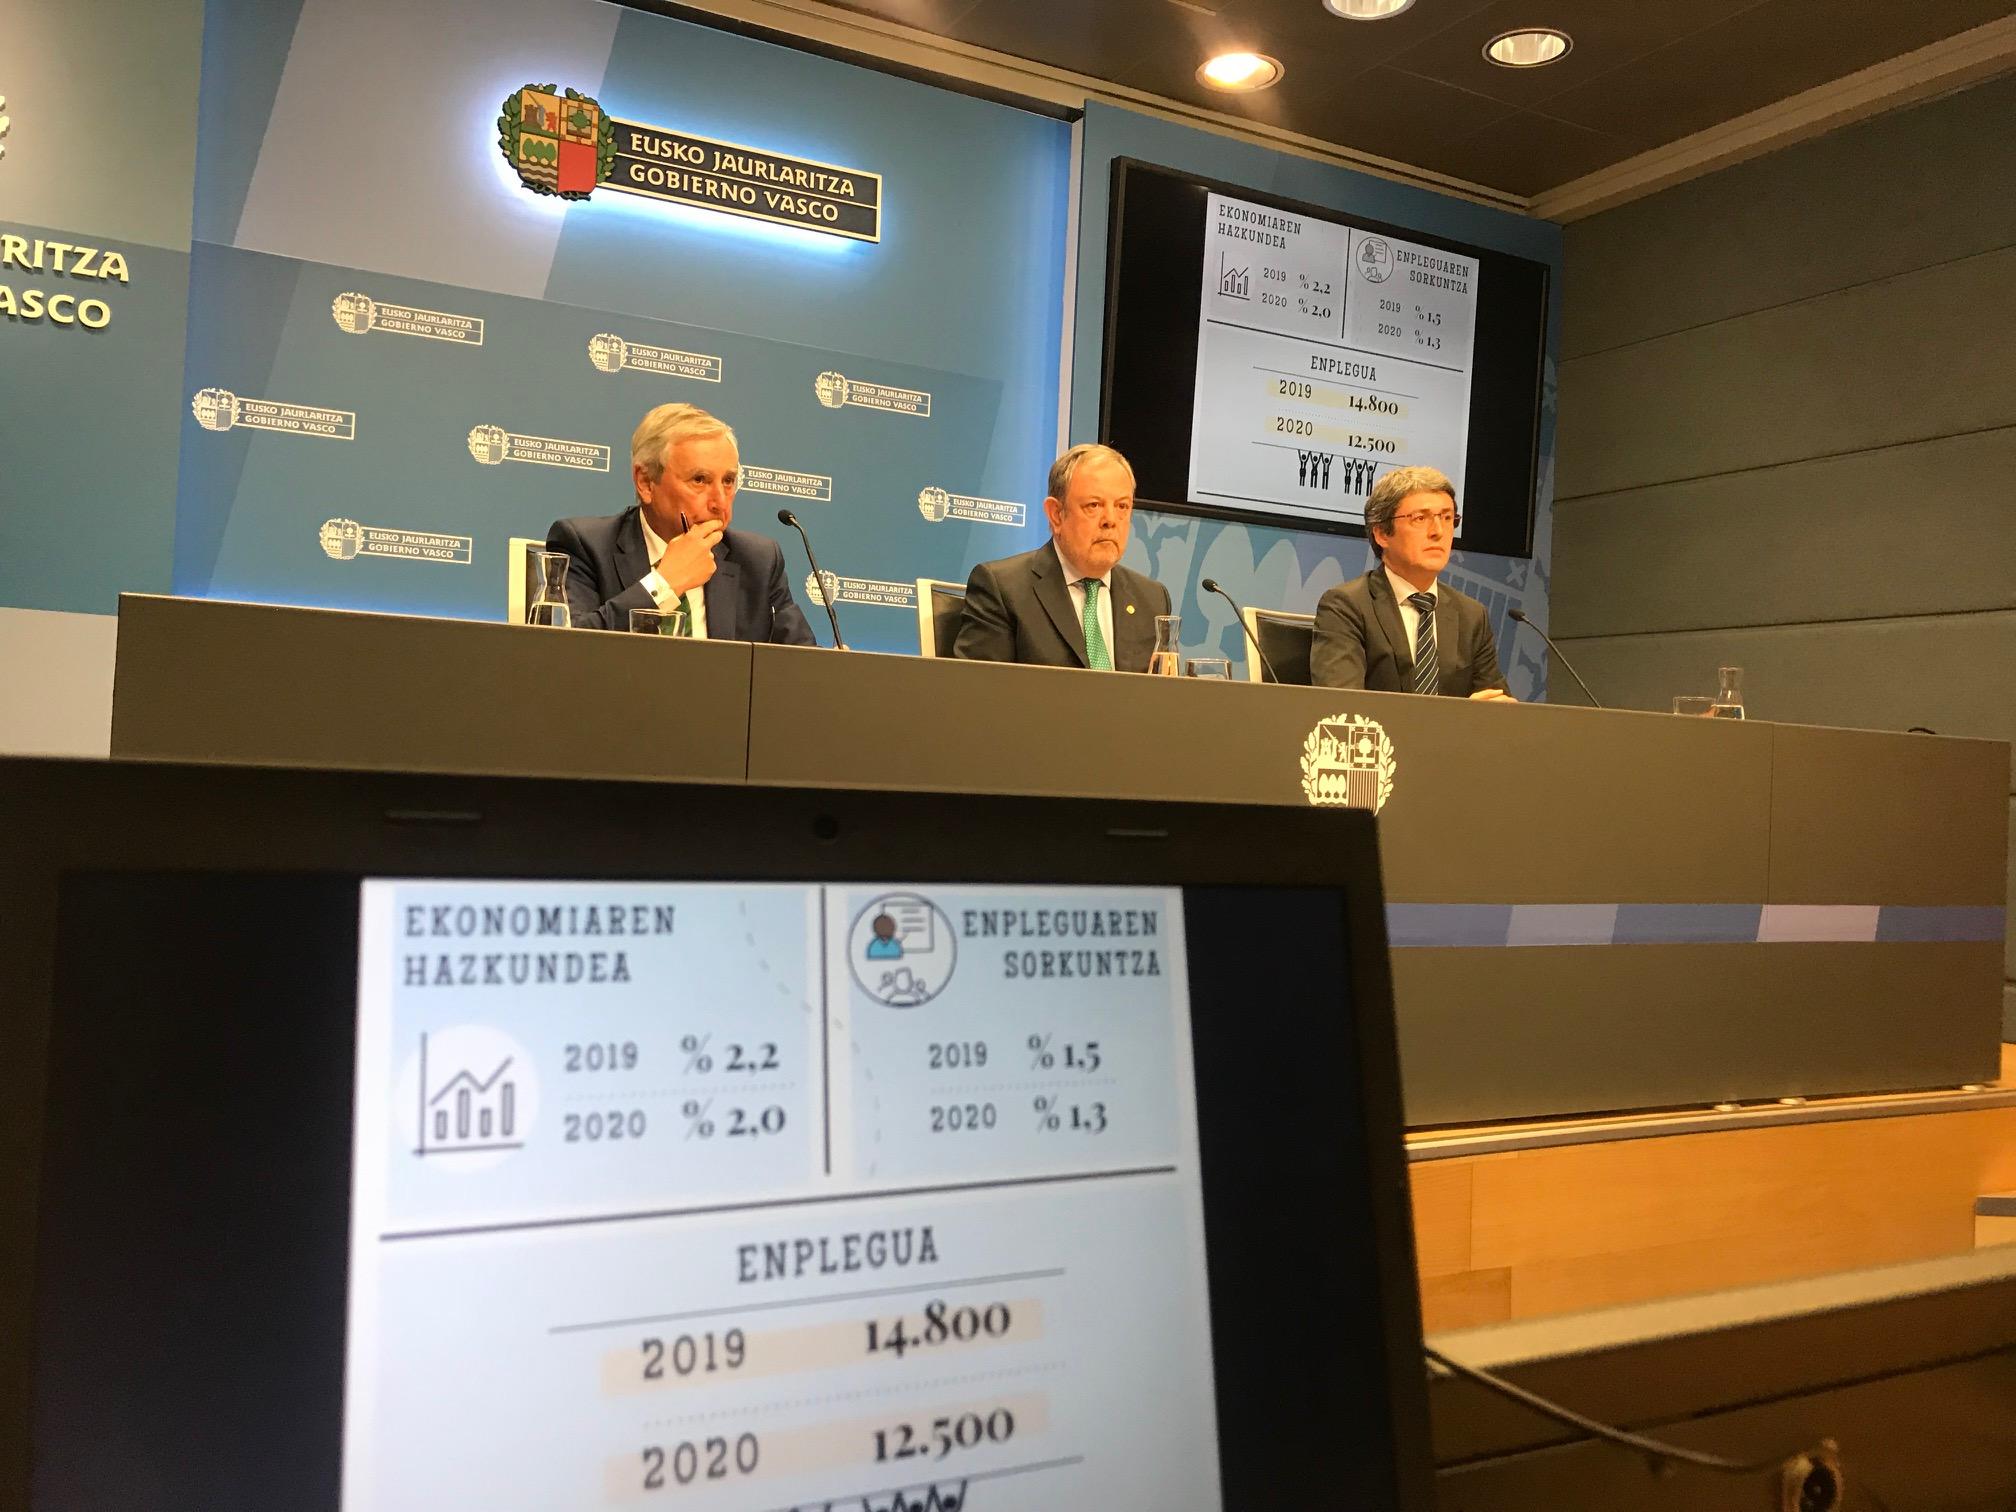 Eusko Jaurlaritzak, 2019an, Euskal Ekonomiaren hazkundea %2,2ra eta enplegua %1,5era eguneratu ditu